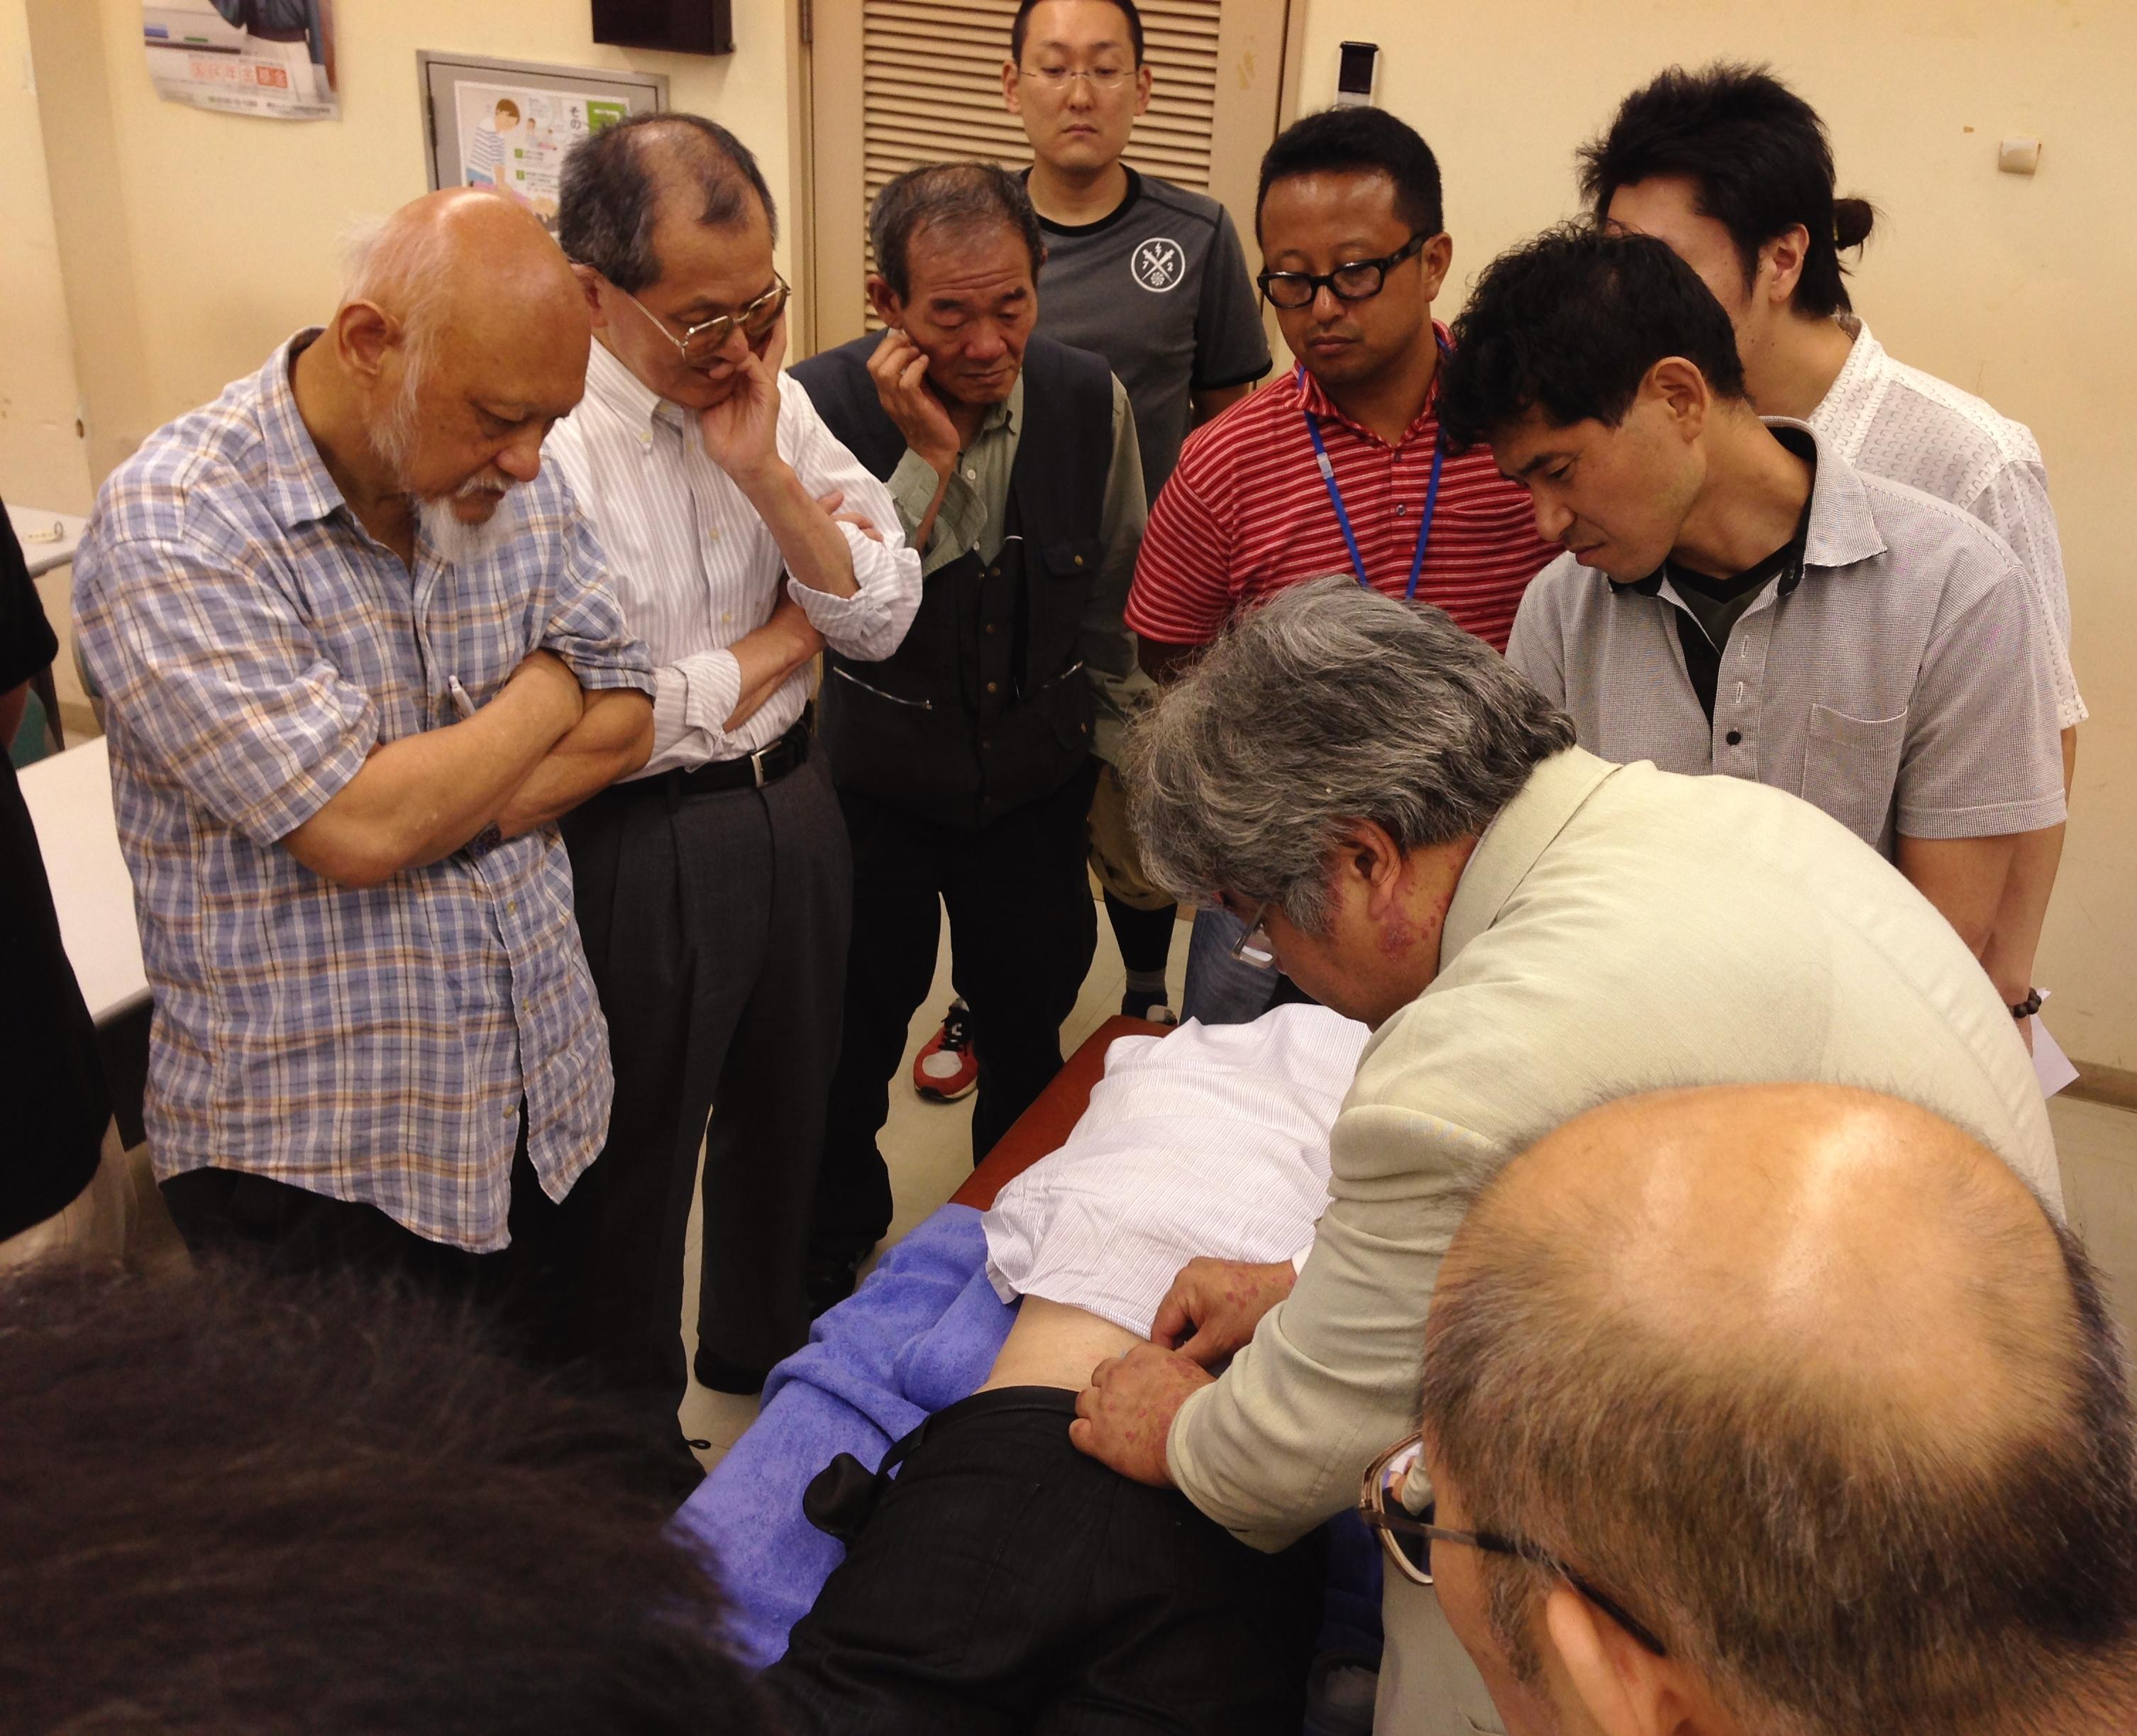 7月24日実施 臨床のコツ『腰椎すべり症の治療』 元吉 正幸